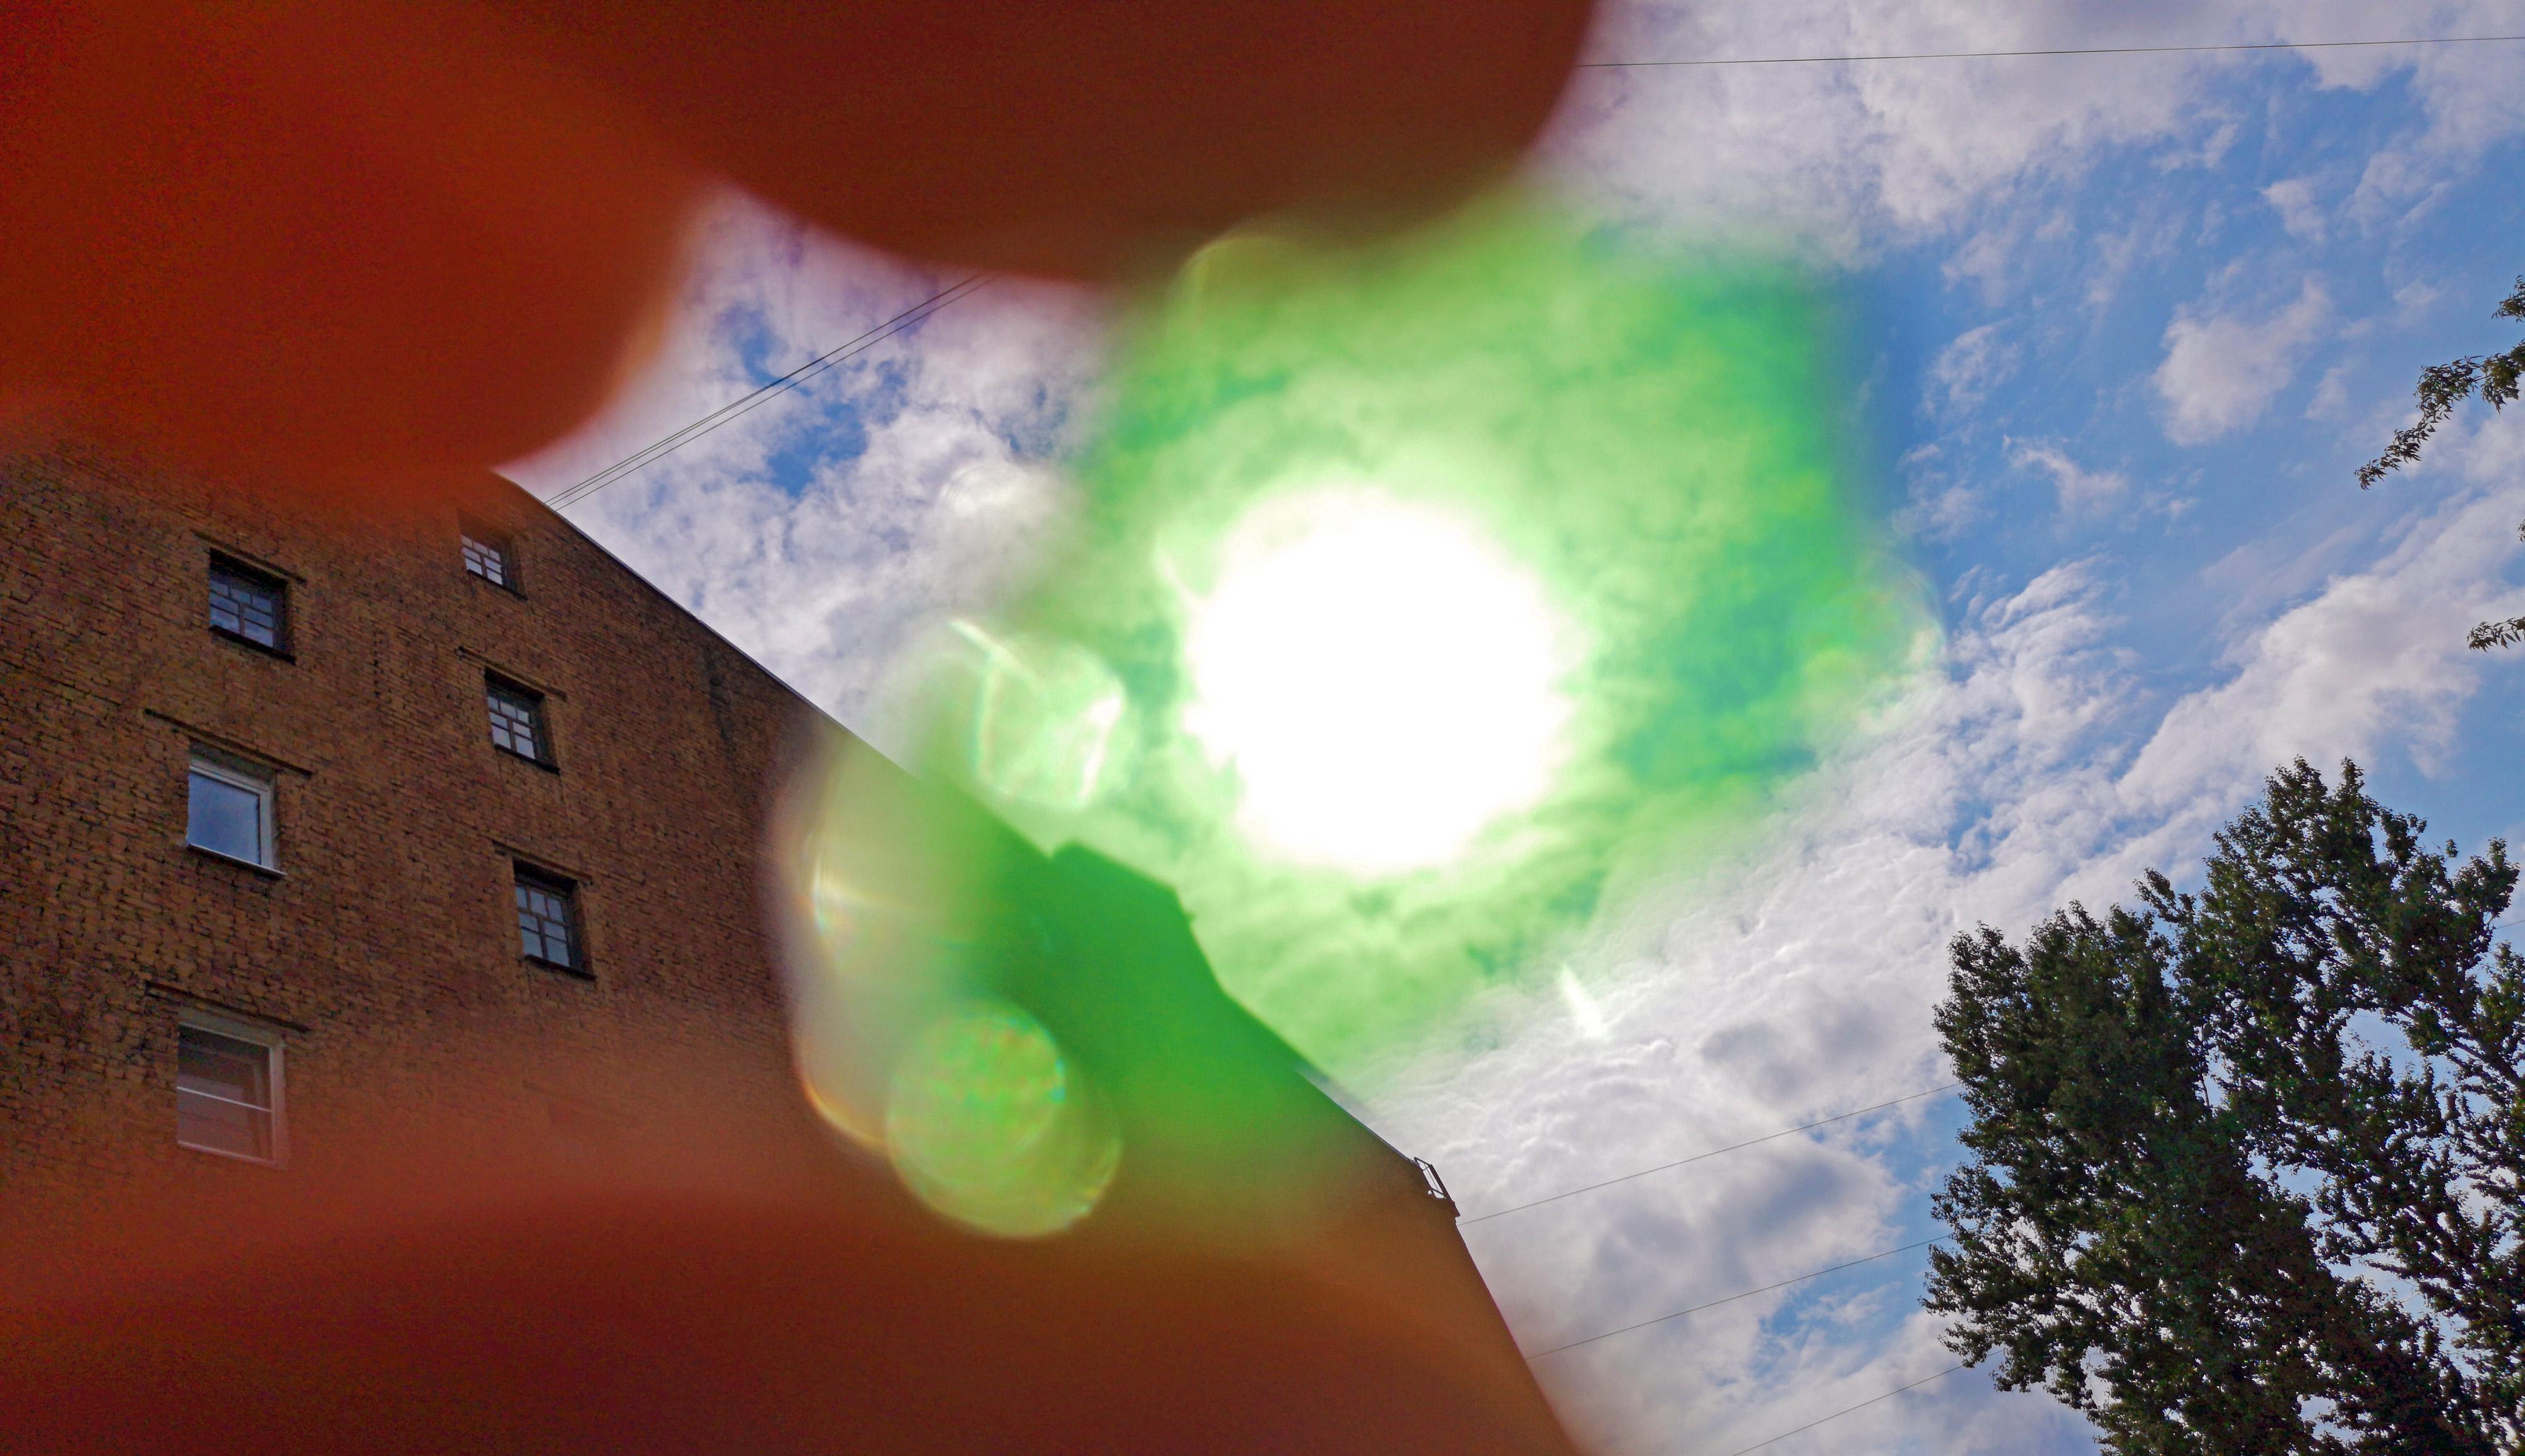 Смотреть на солнце через цветное стёклышко